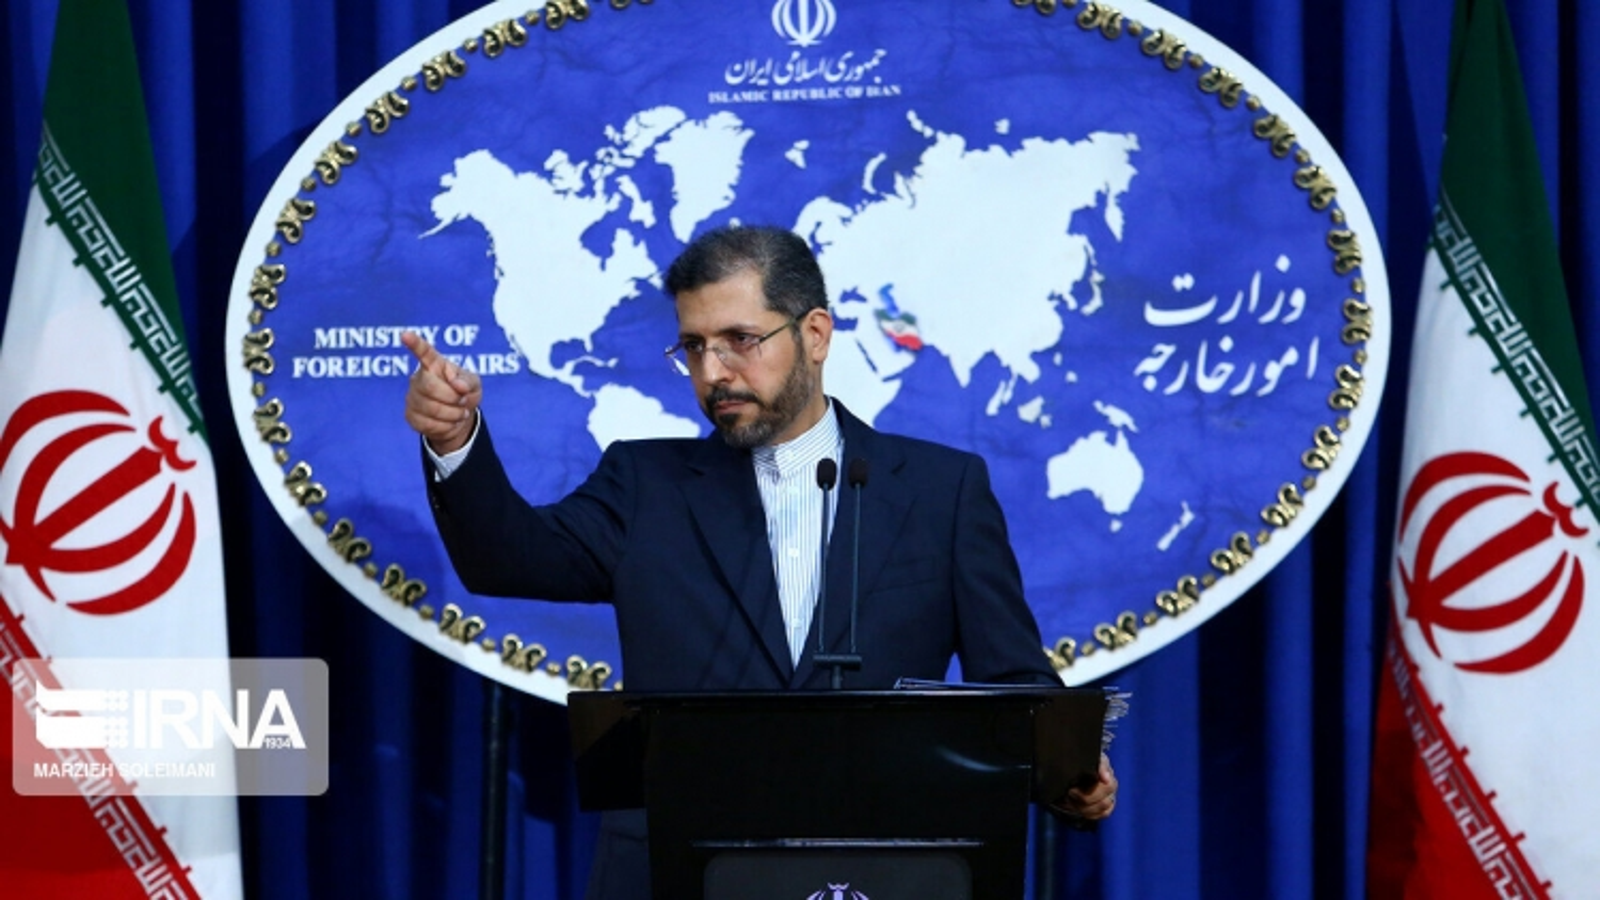 Lý do Iran bắt giữ tàu chở dầu Hàn Quốc